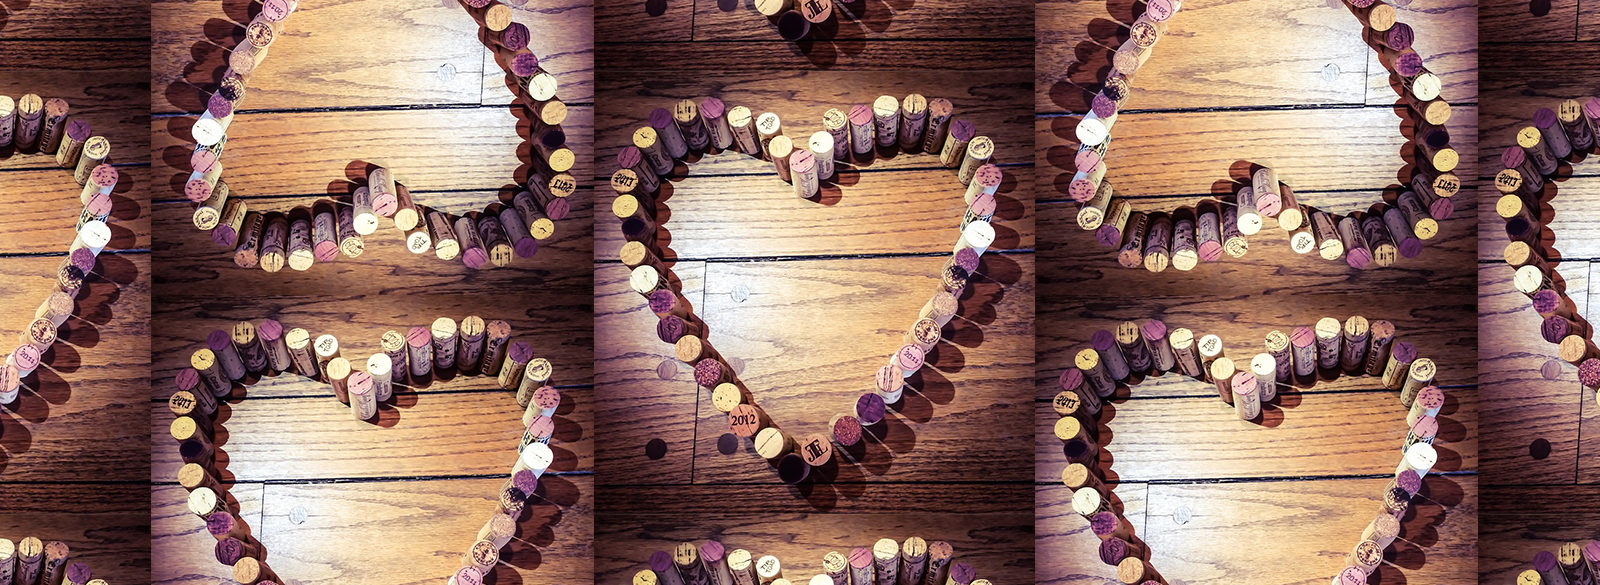 Nueve vinos para sorprender en San Valentín